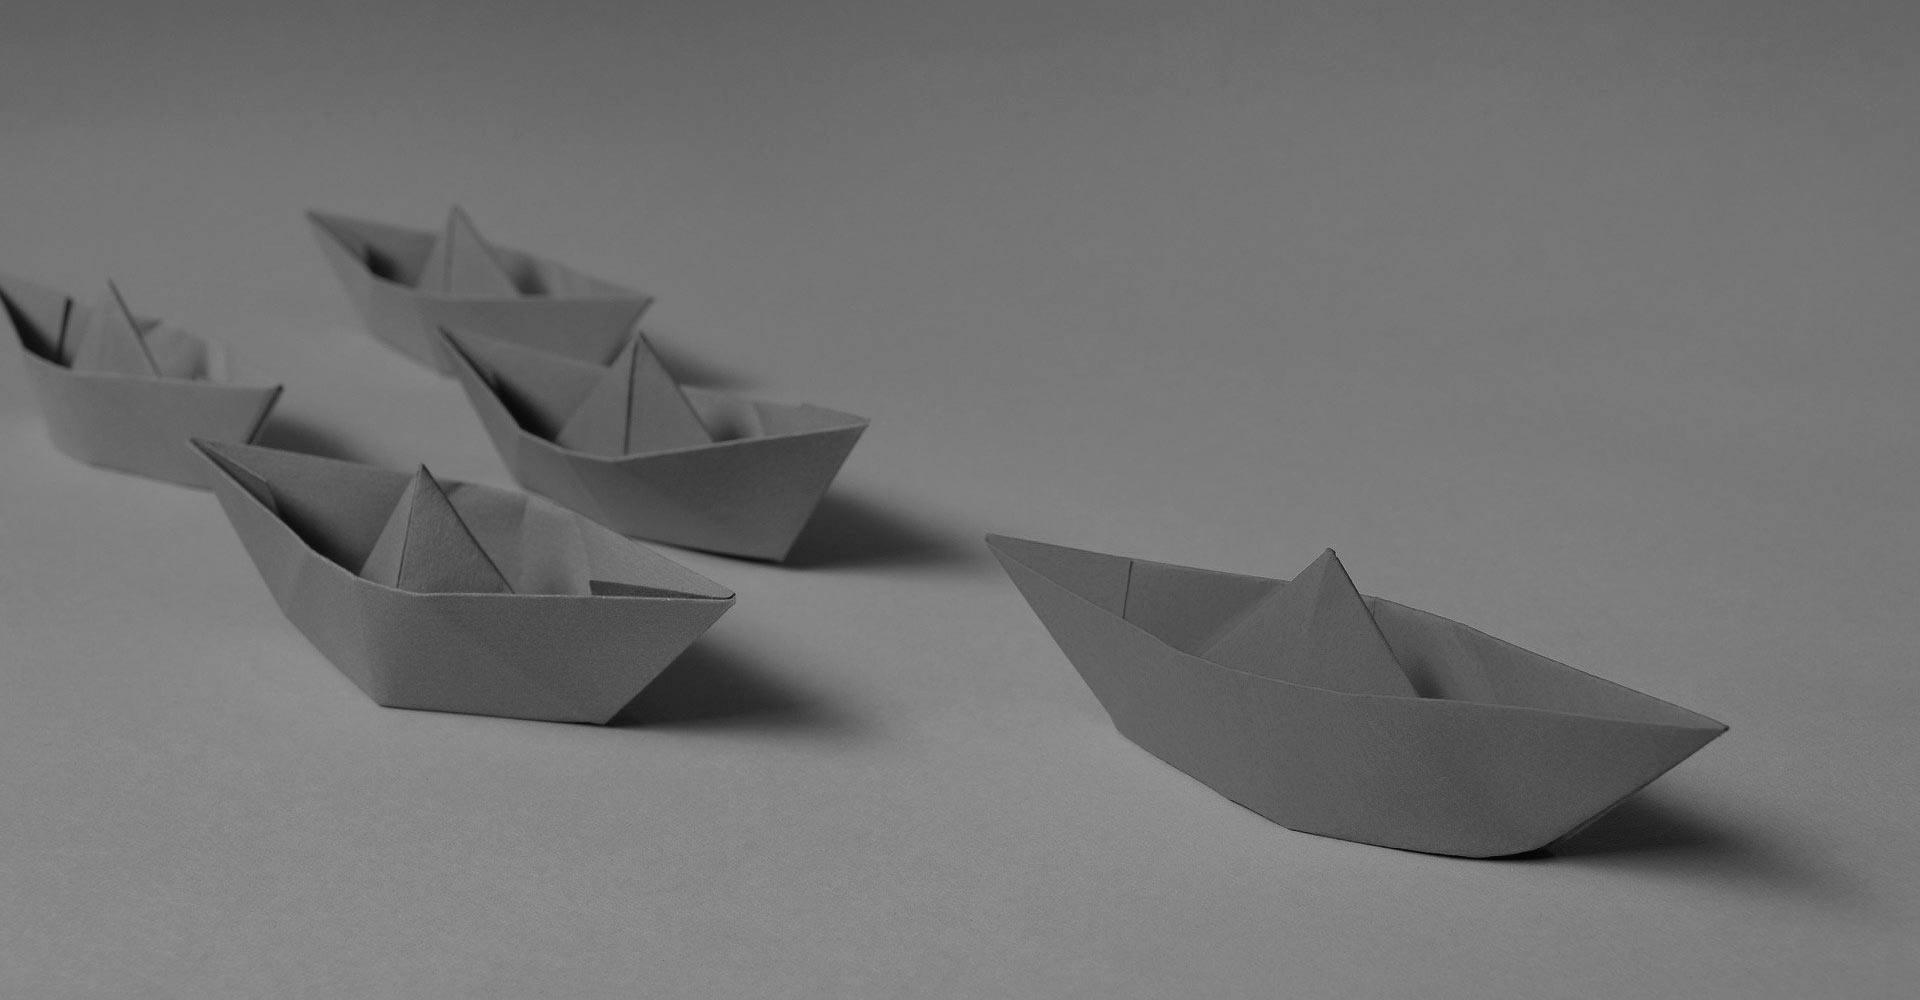 Asesoramiento 360º: <br>Contable, Fiscal, Laboral y Gestoría Administrativa, para que solo tengas que preocuparte del desarrollo de tu negocio